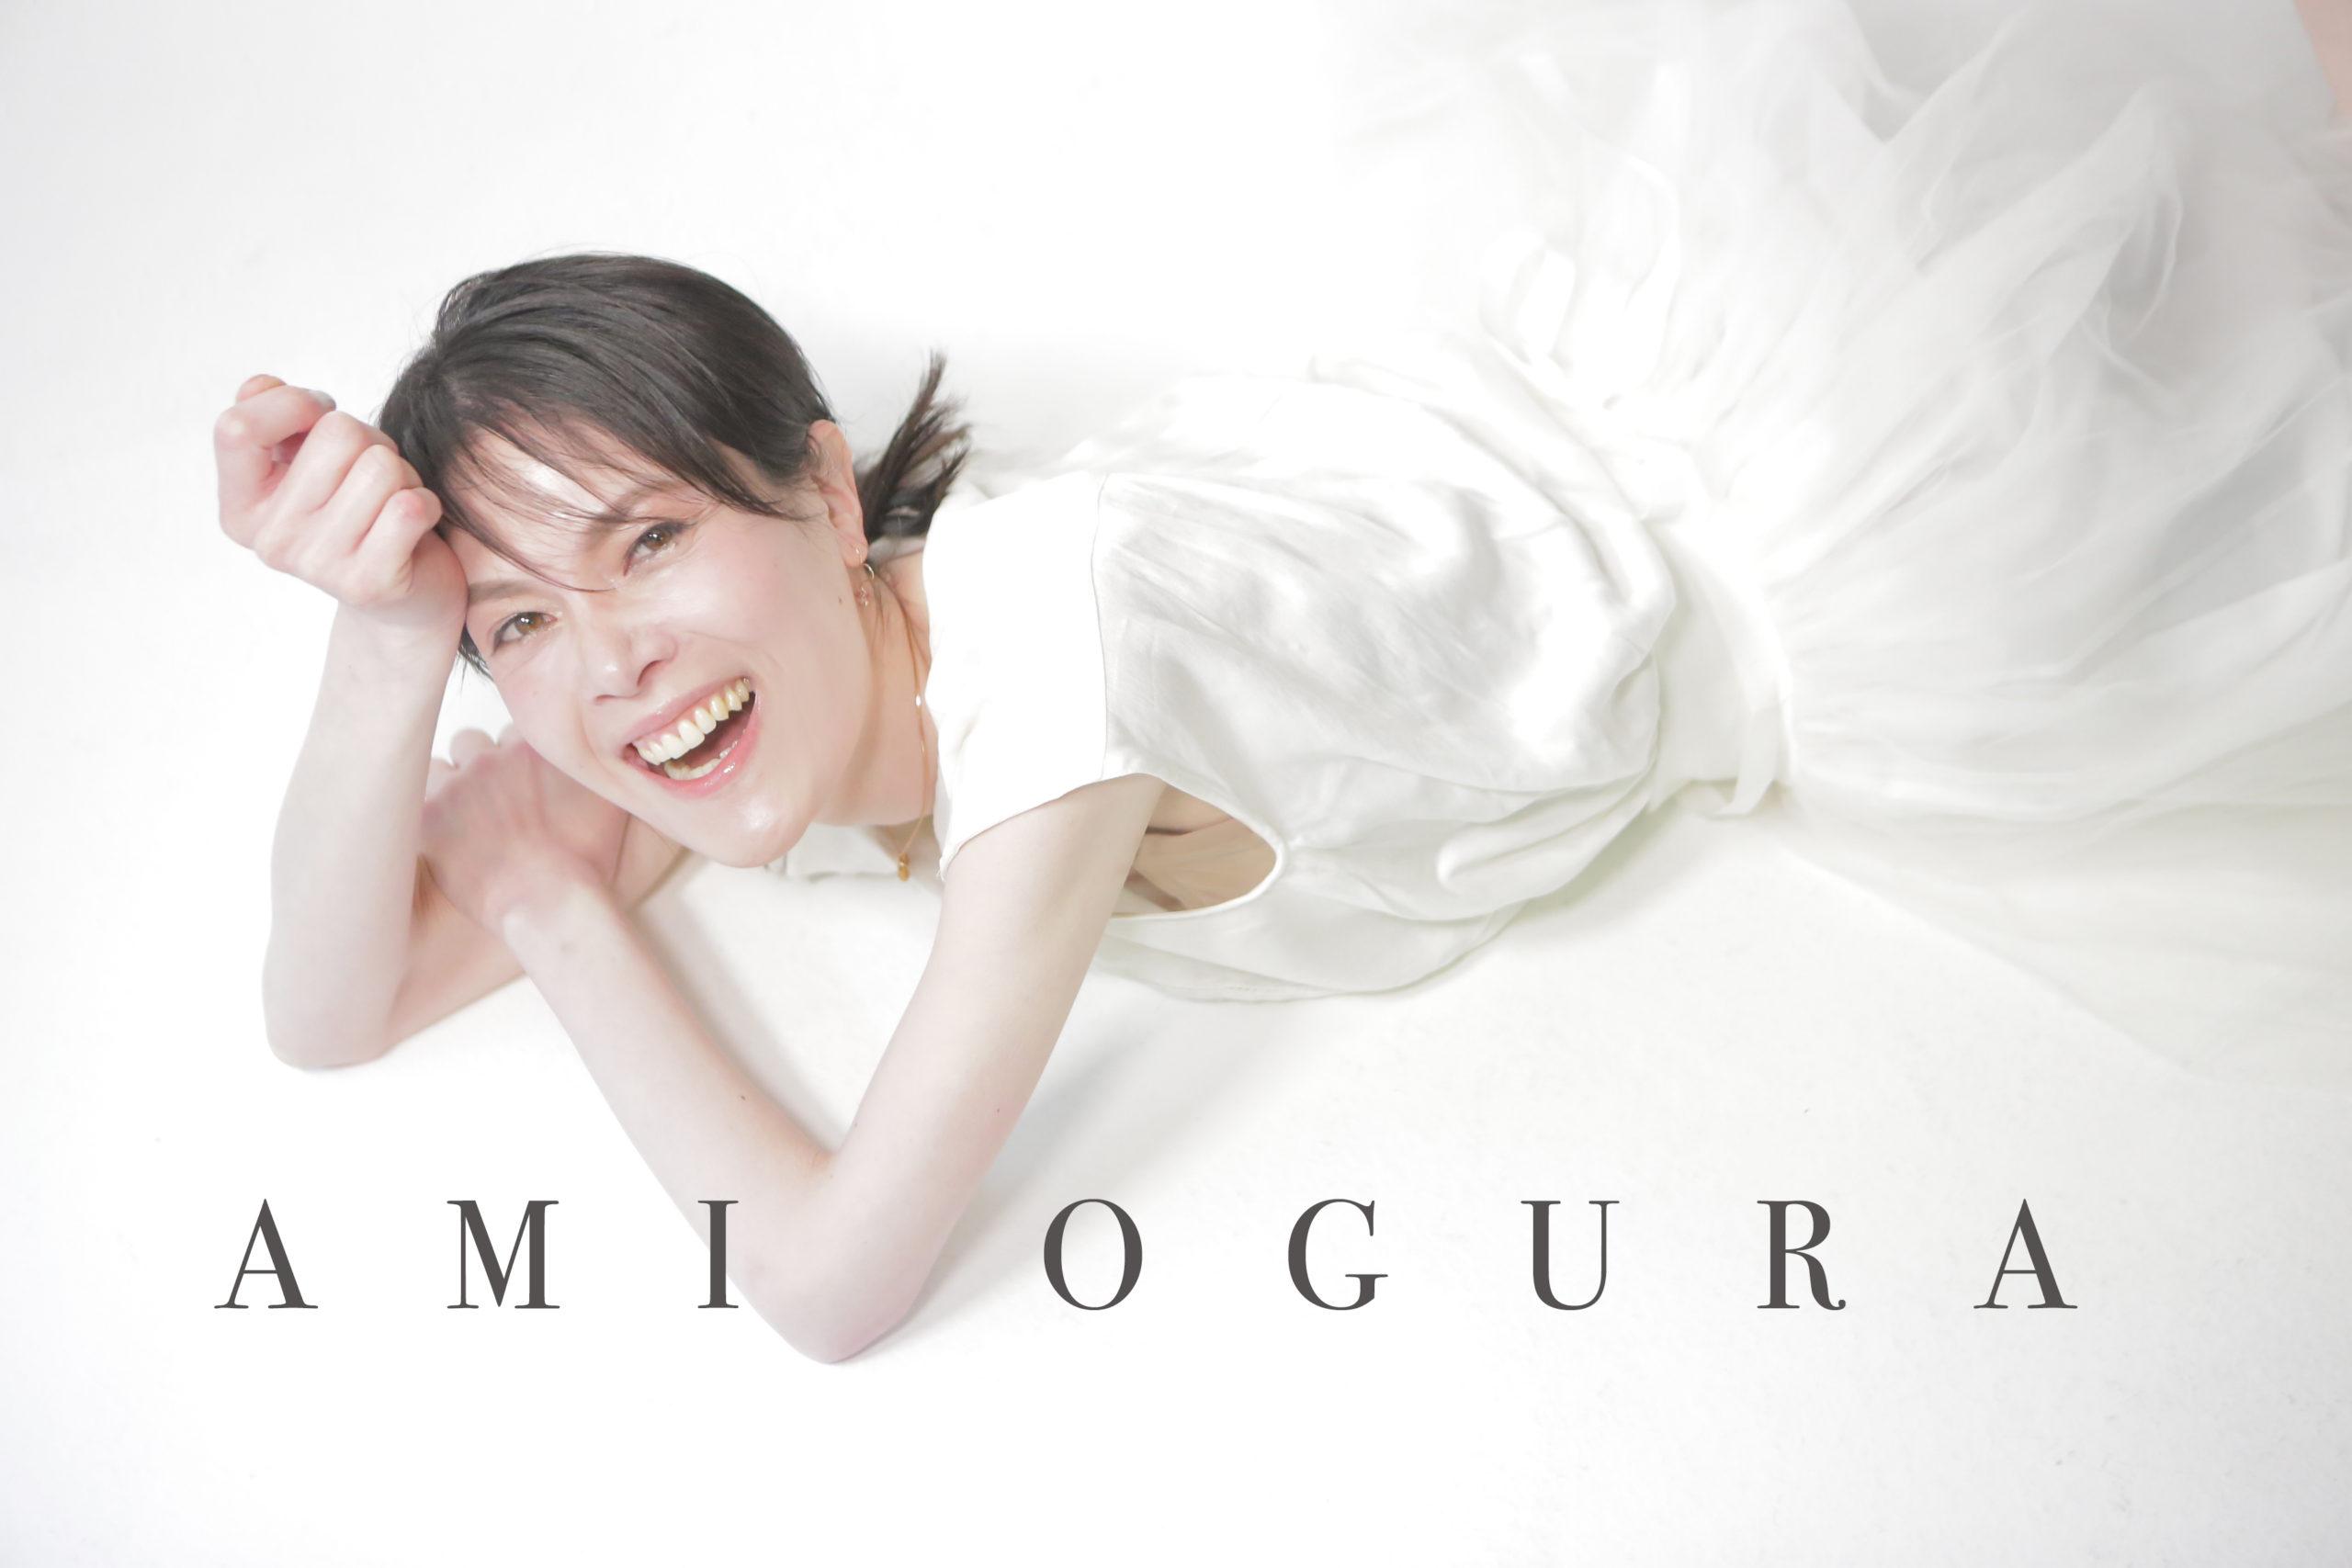 Ami Ogura